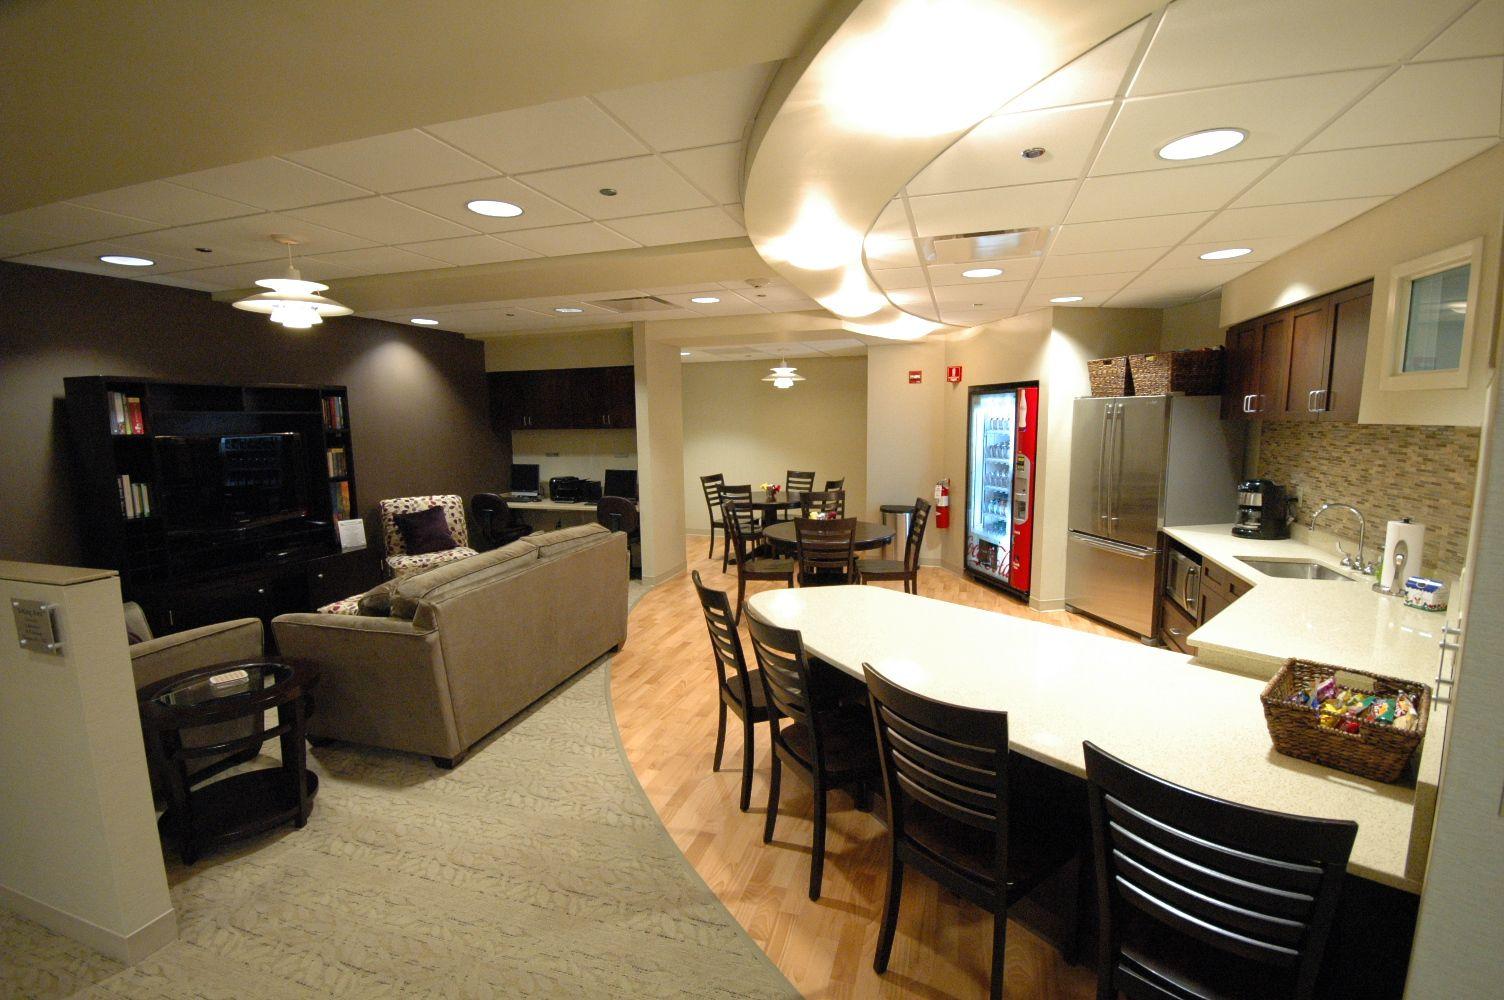 Ronald mcdonald family room in edward hospital ronald for Ronald mcdonald family room